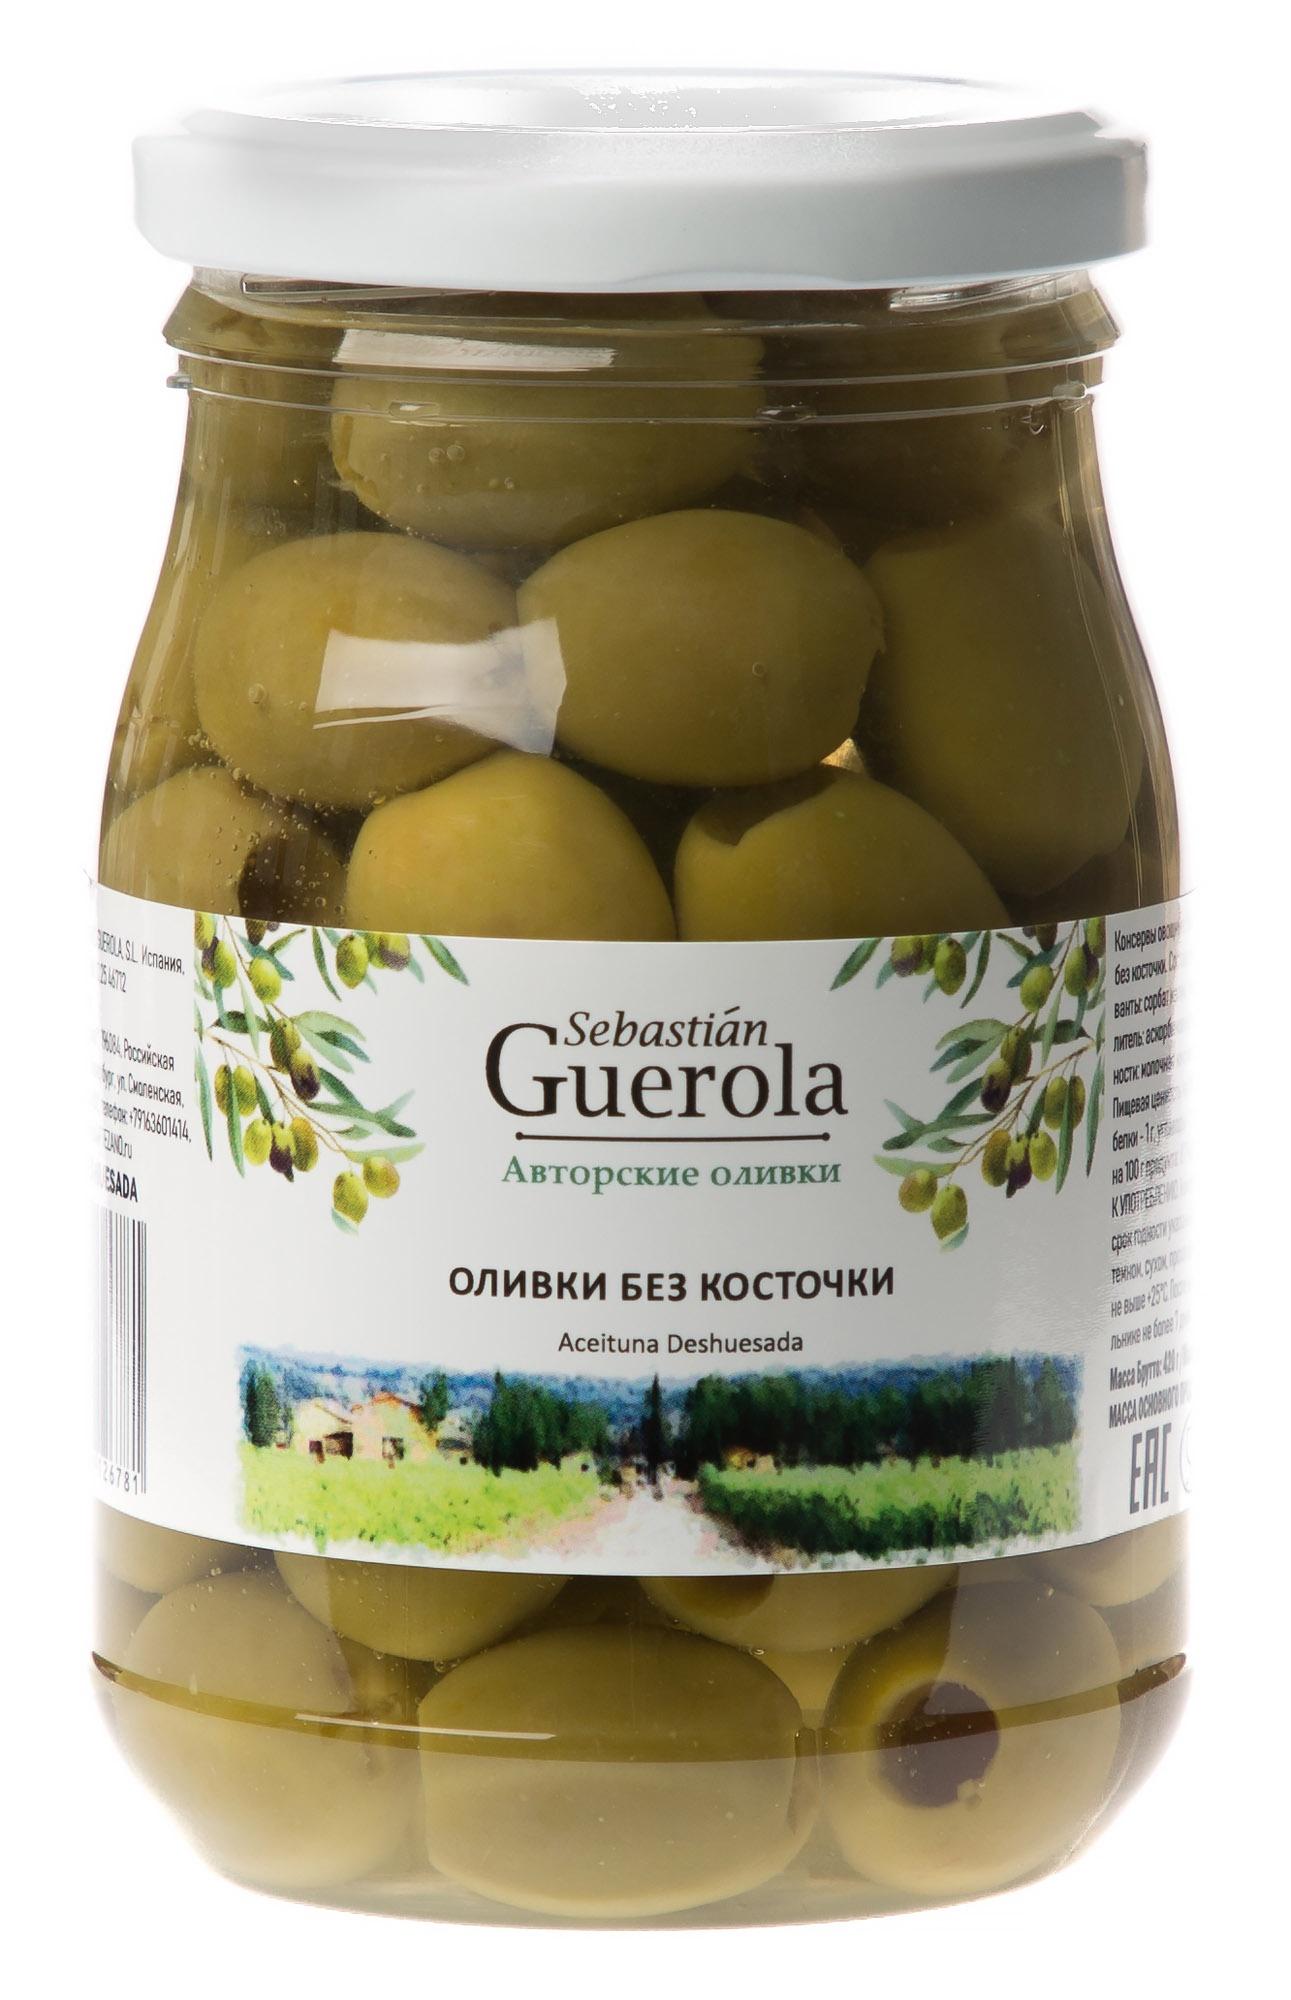 Овощные консервы Sebastia Guerola- Авторские оливки Оливки зеленые БЕЗ КОСТОЧКИ Пластиковая банка, 370 guerola оливки зеленые сорта кампо реал с косточкой 2 25 кг